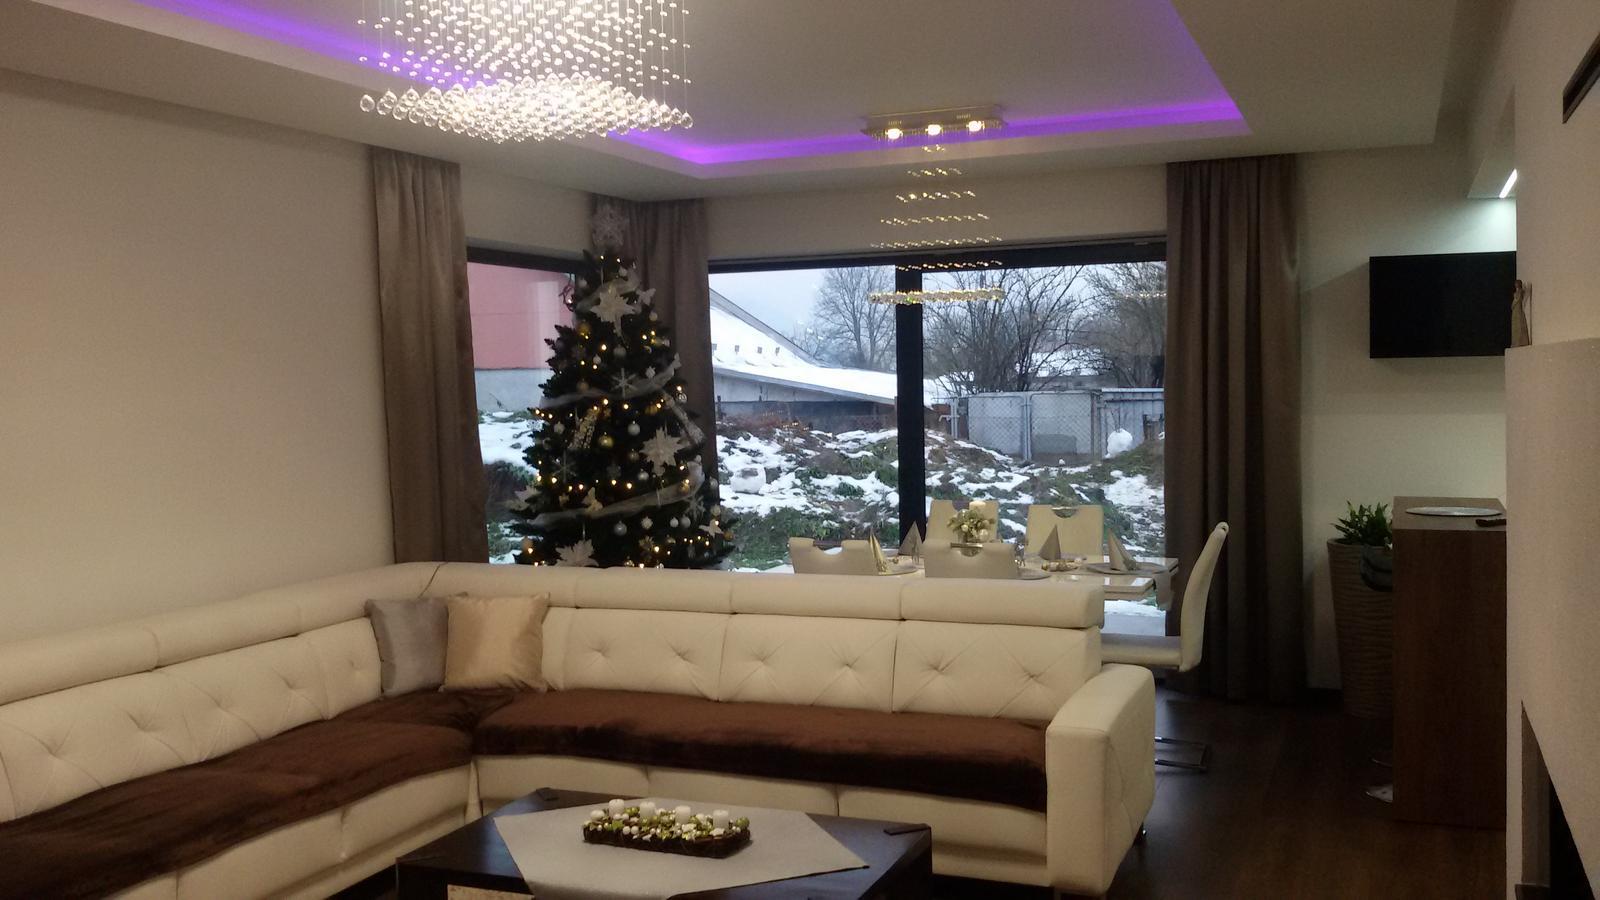 Inšpirovaný MUZOu - obývačka, v januári prídu do všetkých izieb ešte čisto-biele zaclony